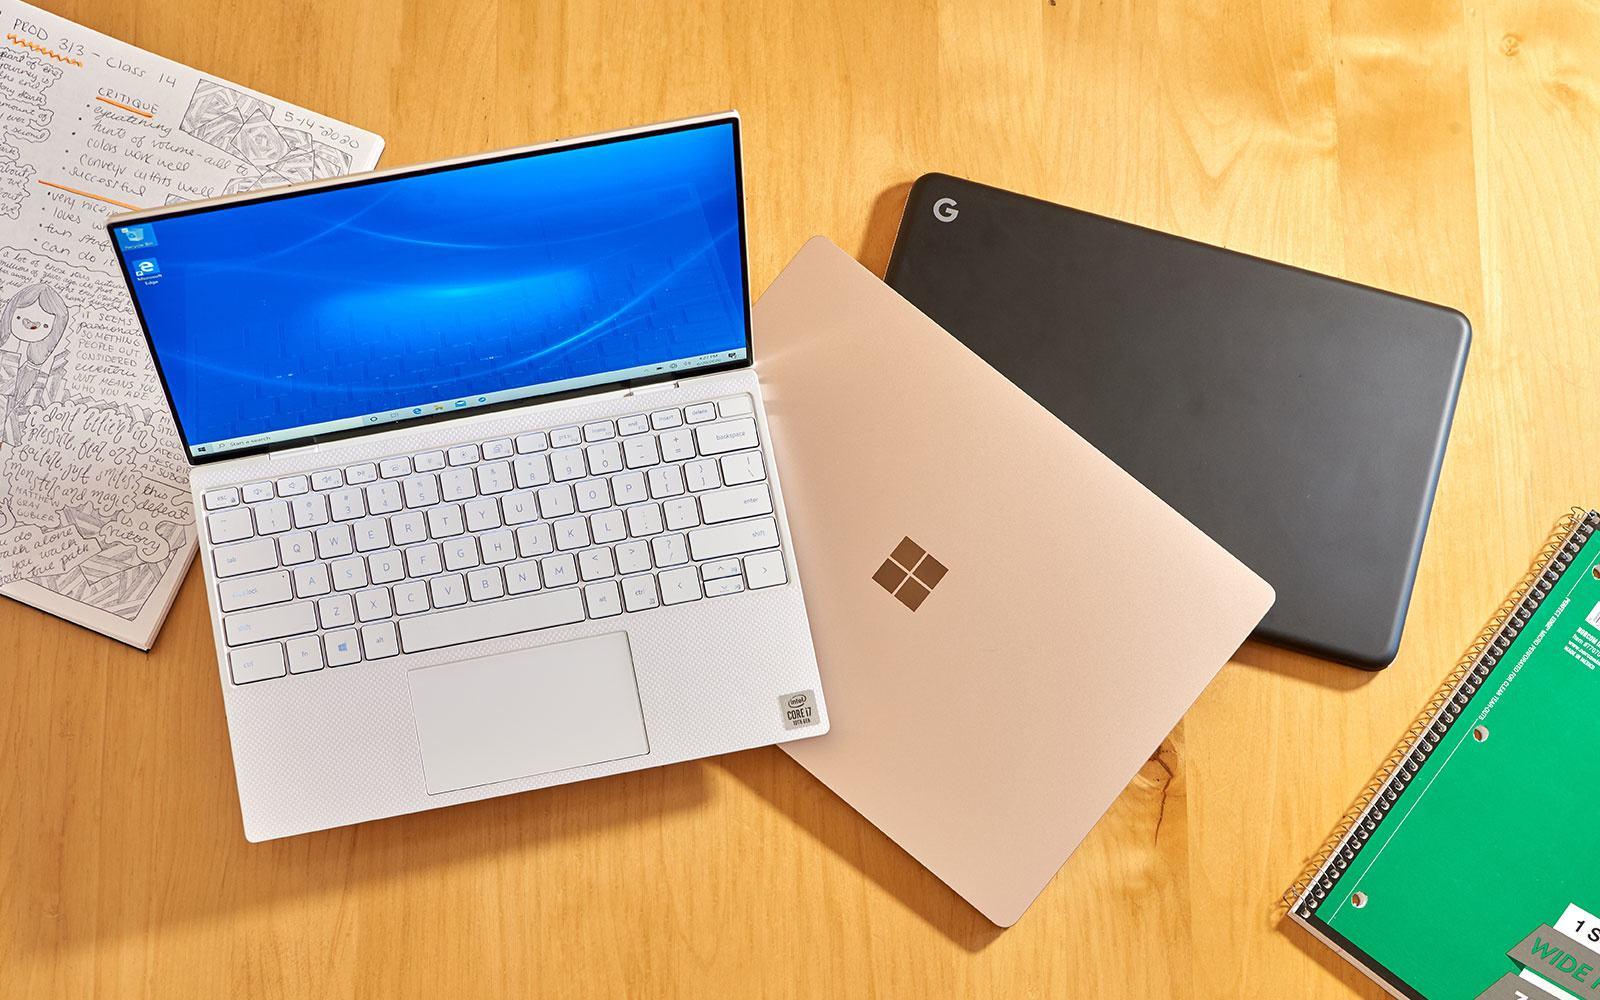 Điểm danh 3 mẫu laptop multimedia giá rẻ tốt nhất tại Phong Vũ